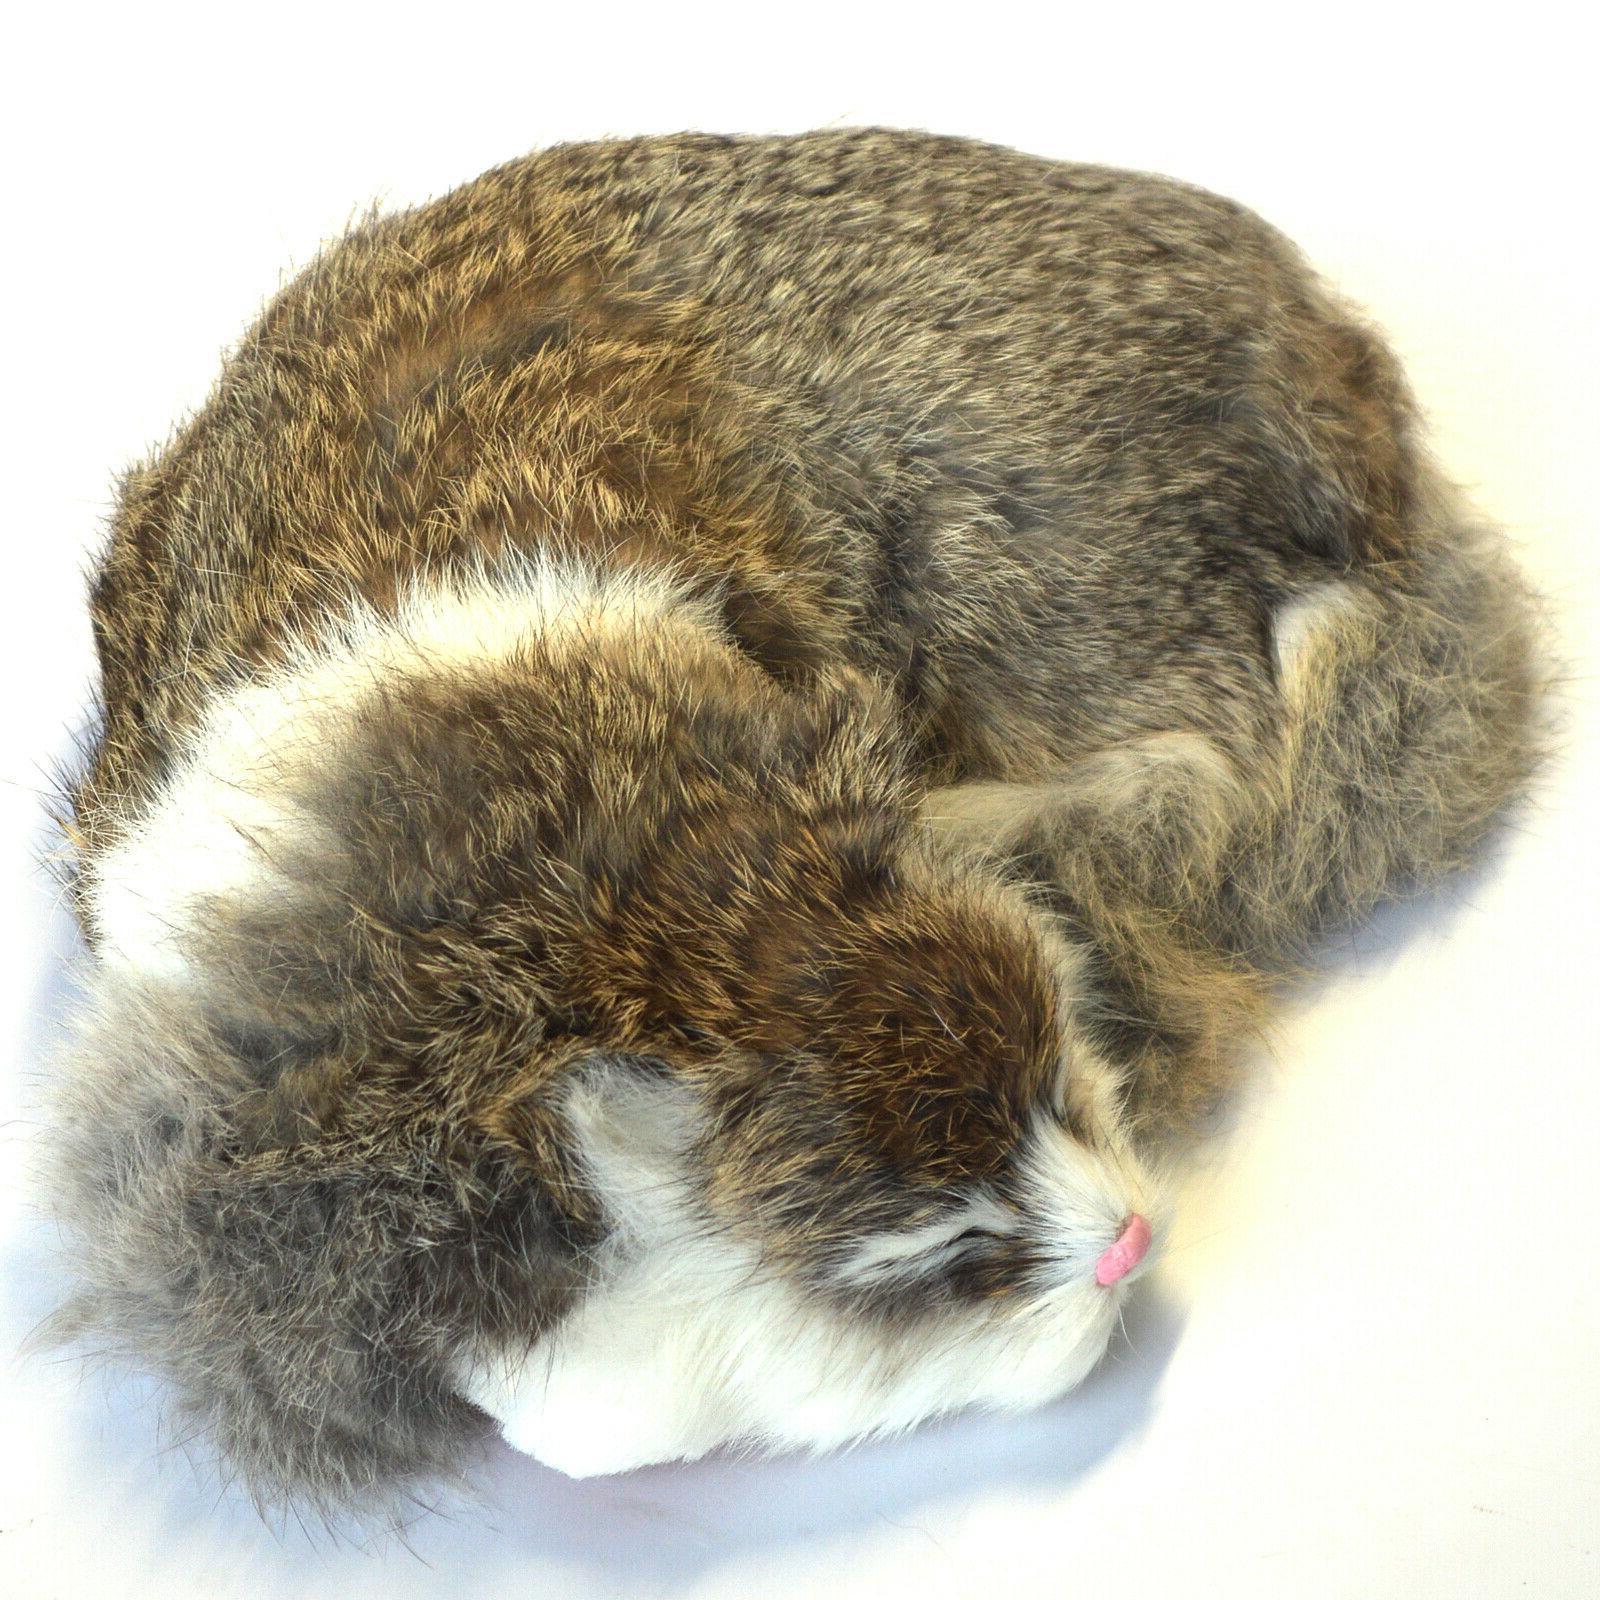 Realistic Plush Animal Sleeping Synthetic